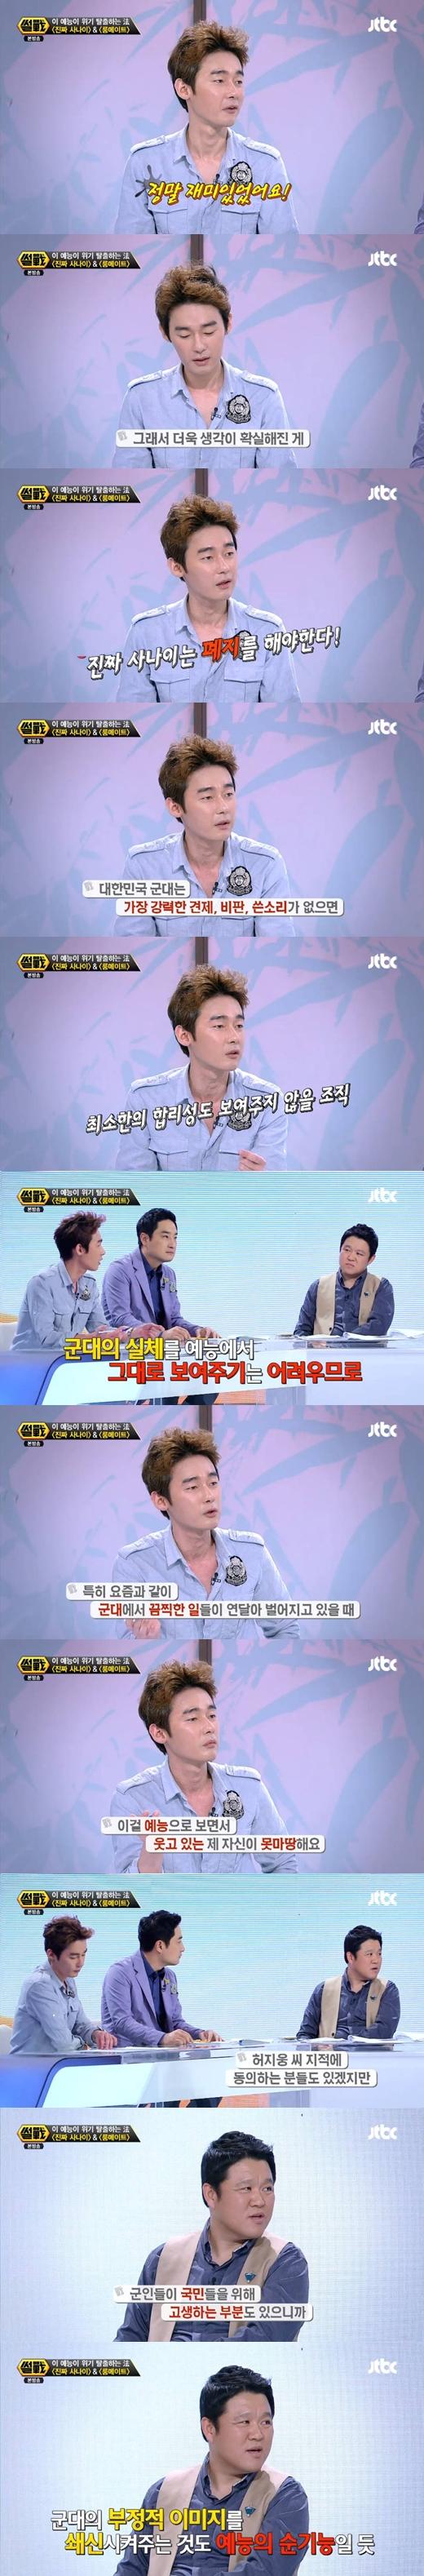 [마이데일리 = 이승길 기자] 방송인 허지웅과 개그맨 김구라가 MBC '일밤-진짜 사나이'를 놓고 서로 다른 생각을 드러냈다.25일 밤 방송된 종합편성채널 JTBC ...